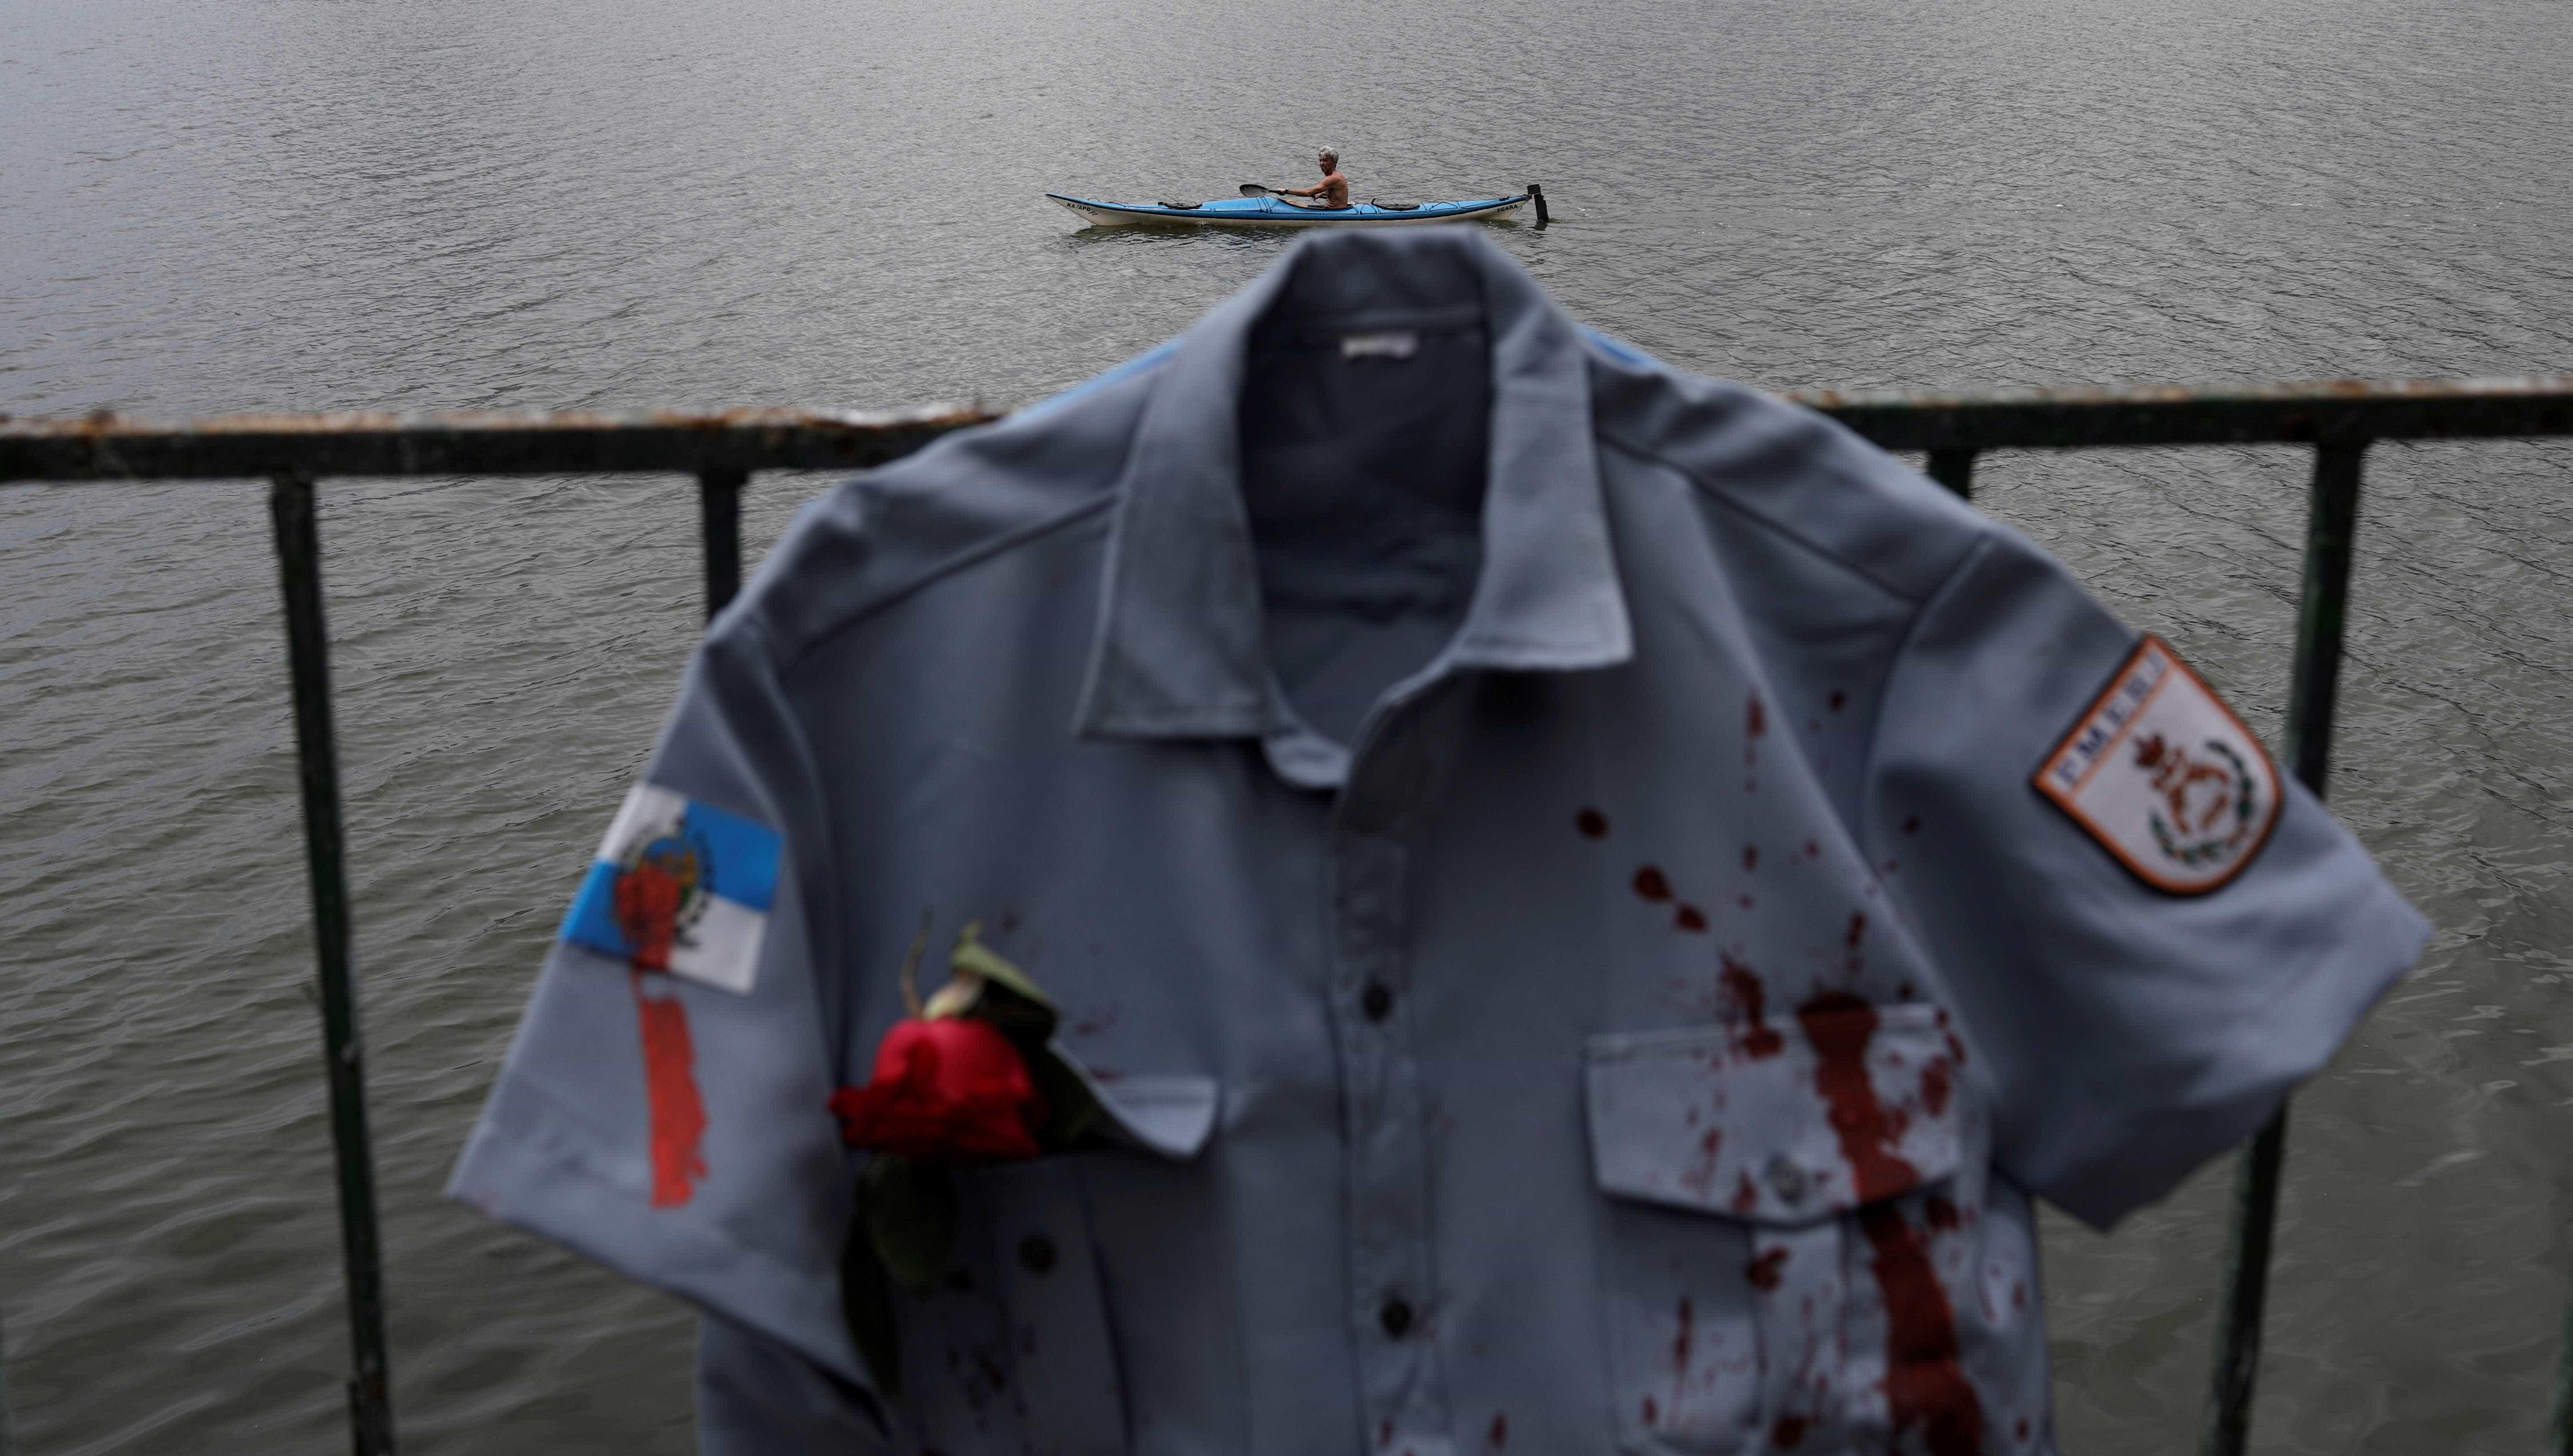 Policial Militar é assassinado no Rio de Janeiro; é o 58º neste ano